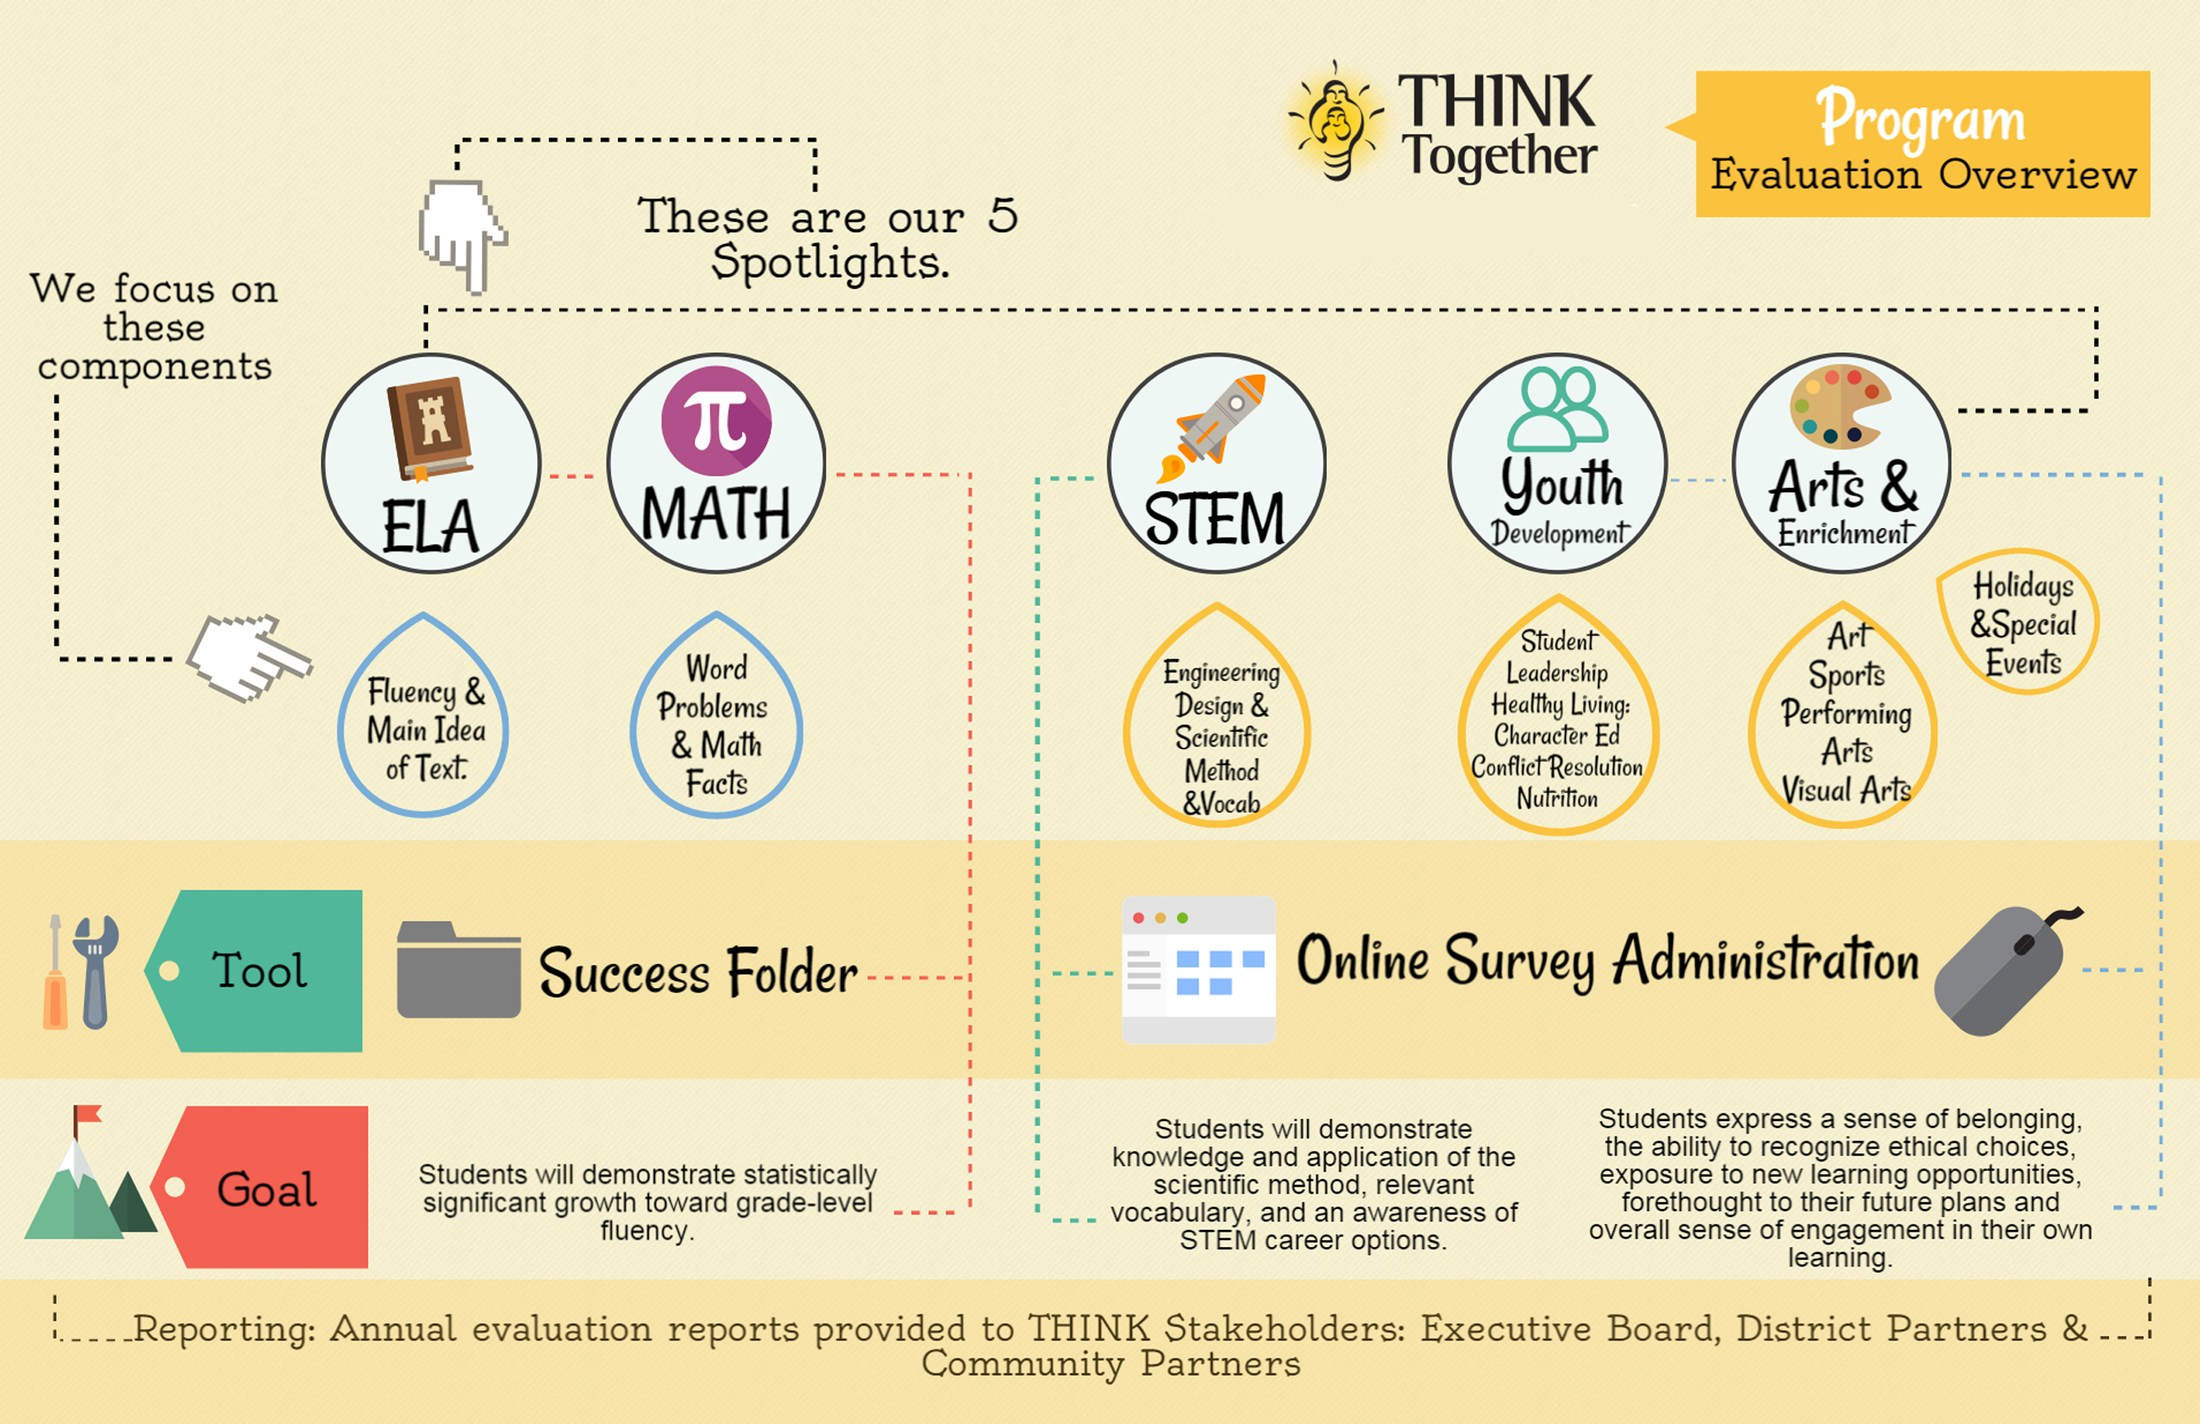 ASES-THINK TOGETHER program evaluation diagram